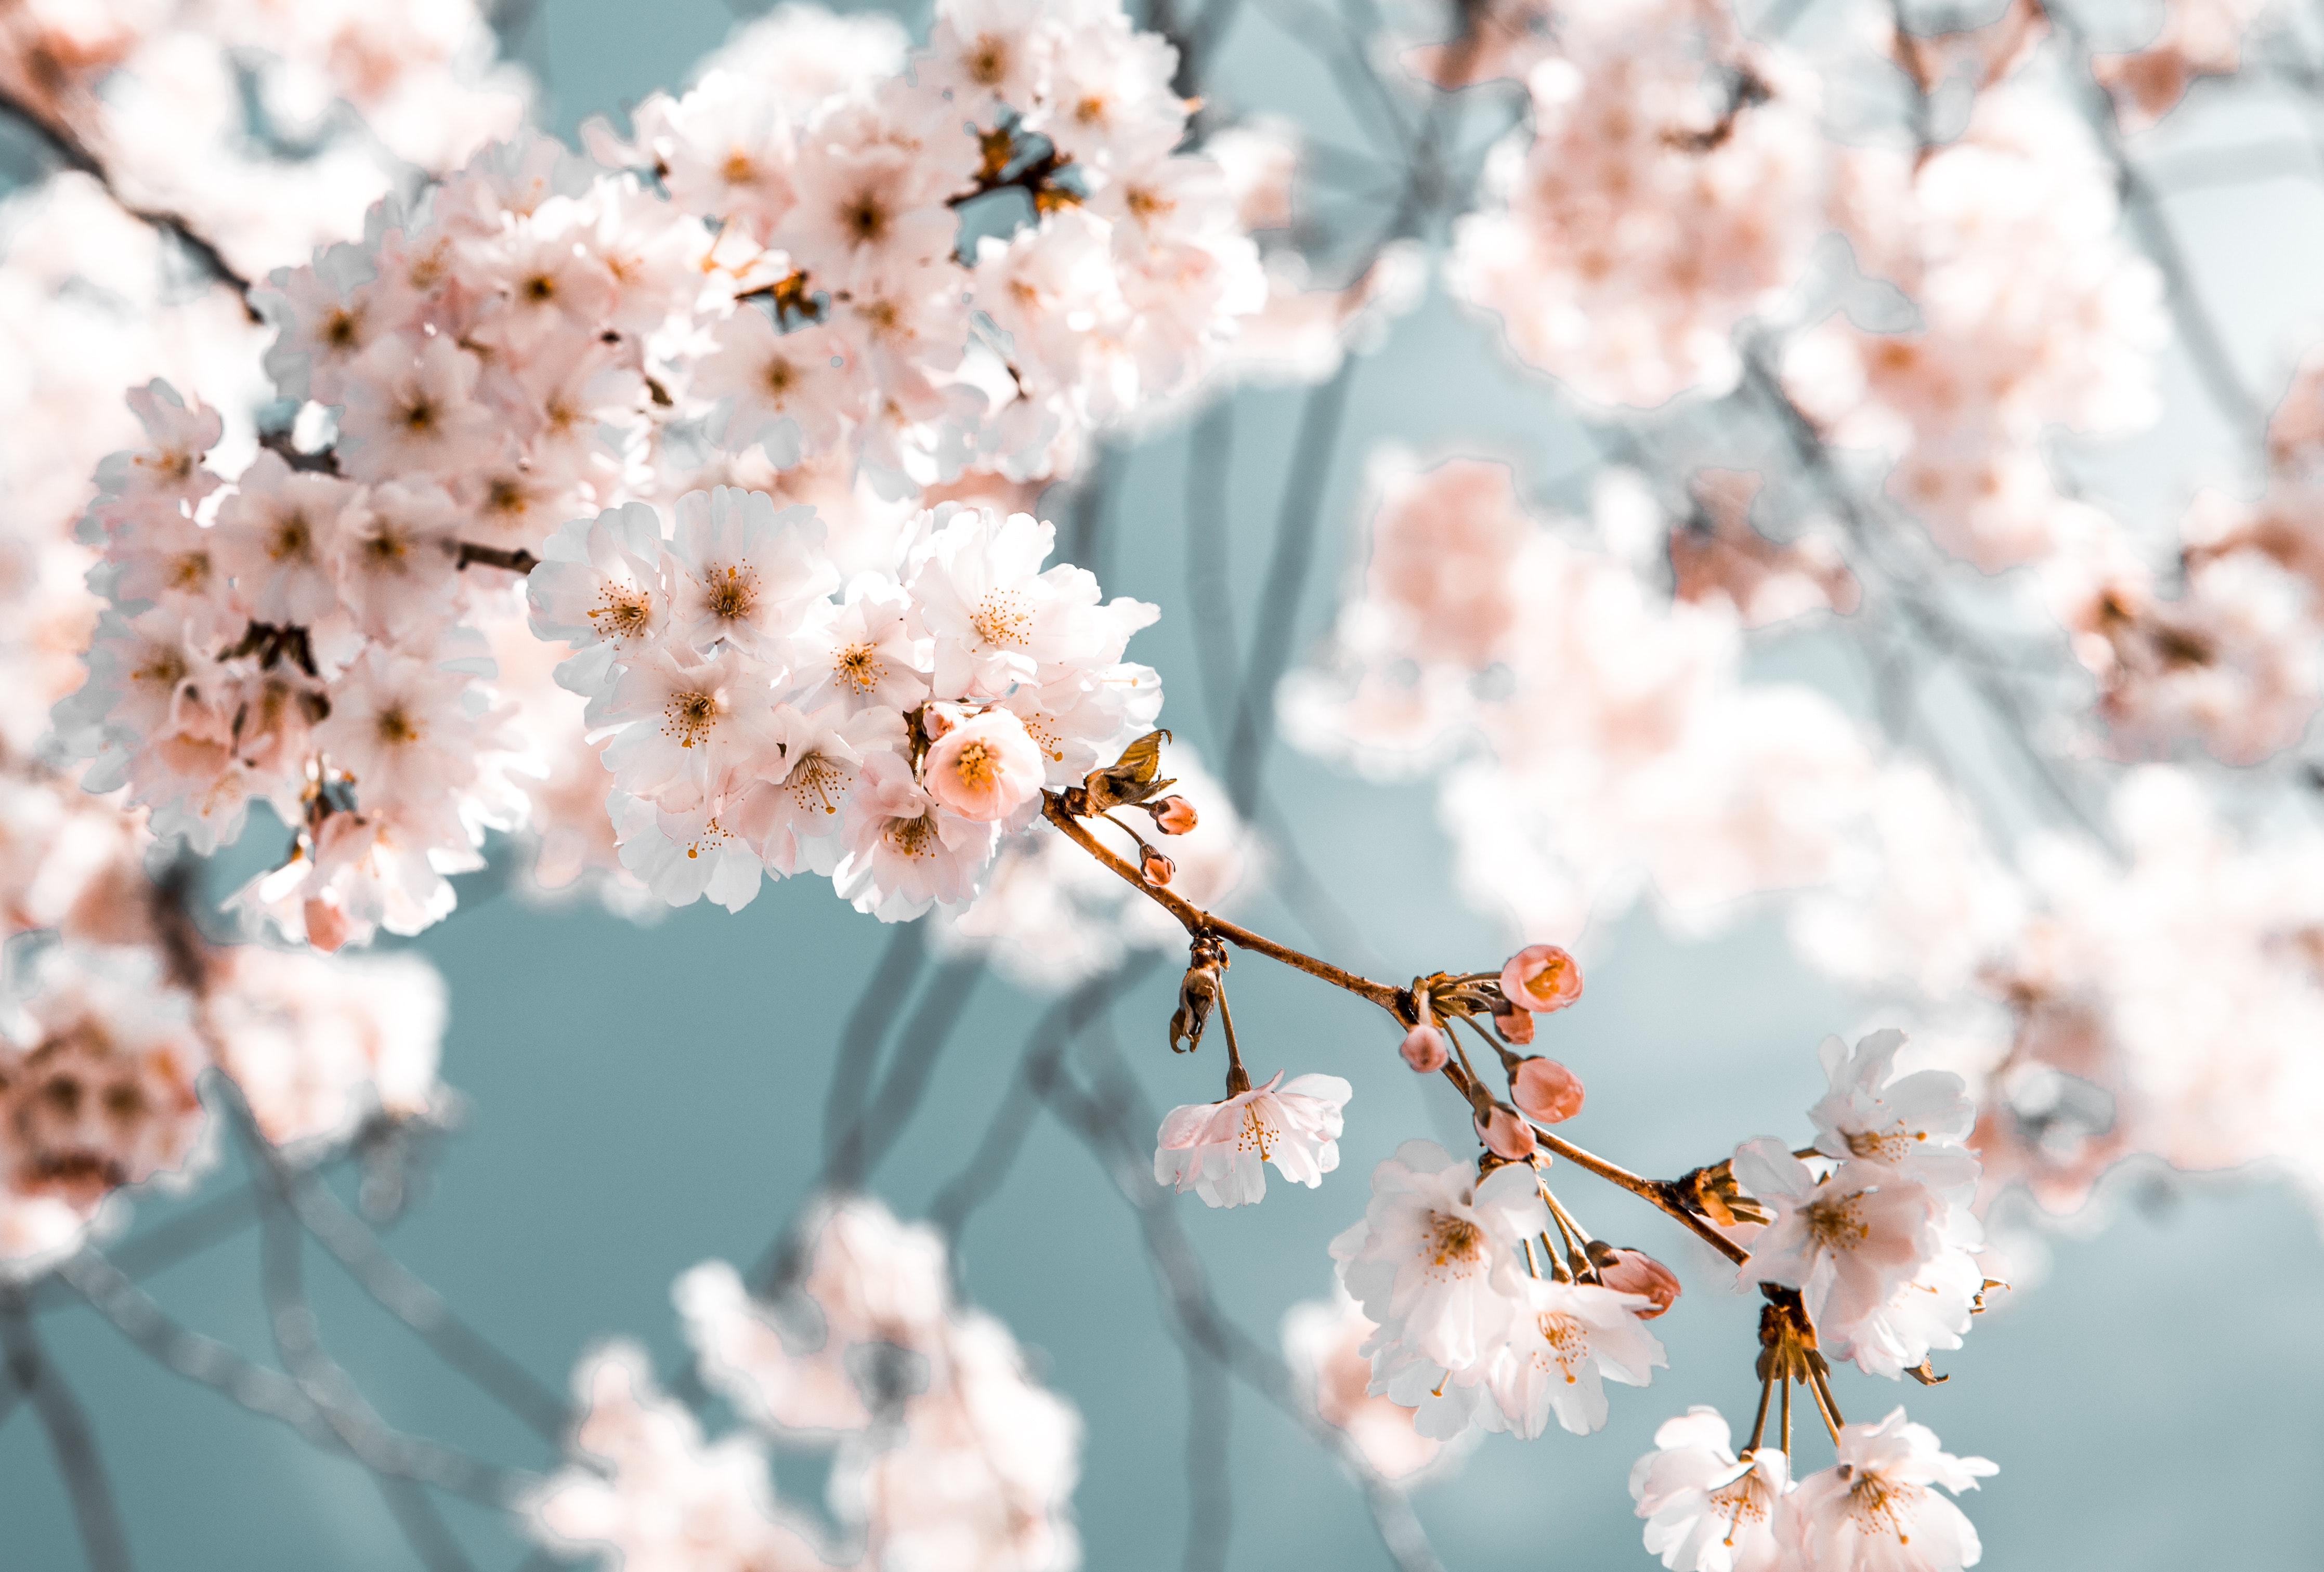 blossom-branch-desktop-backgrounds-21011